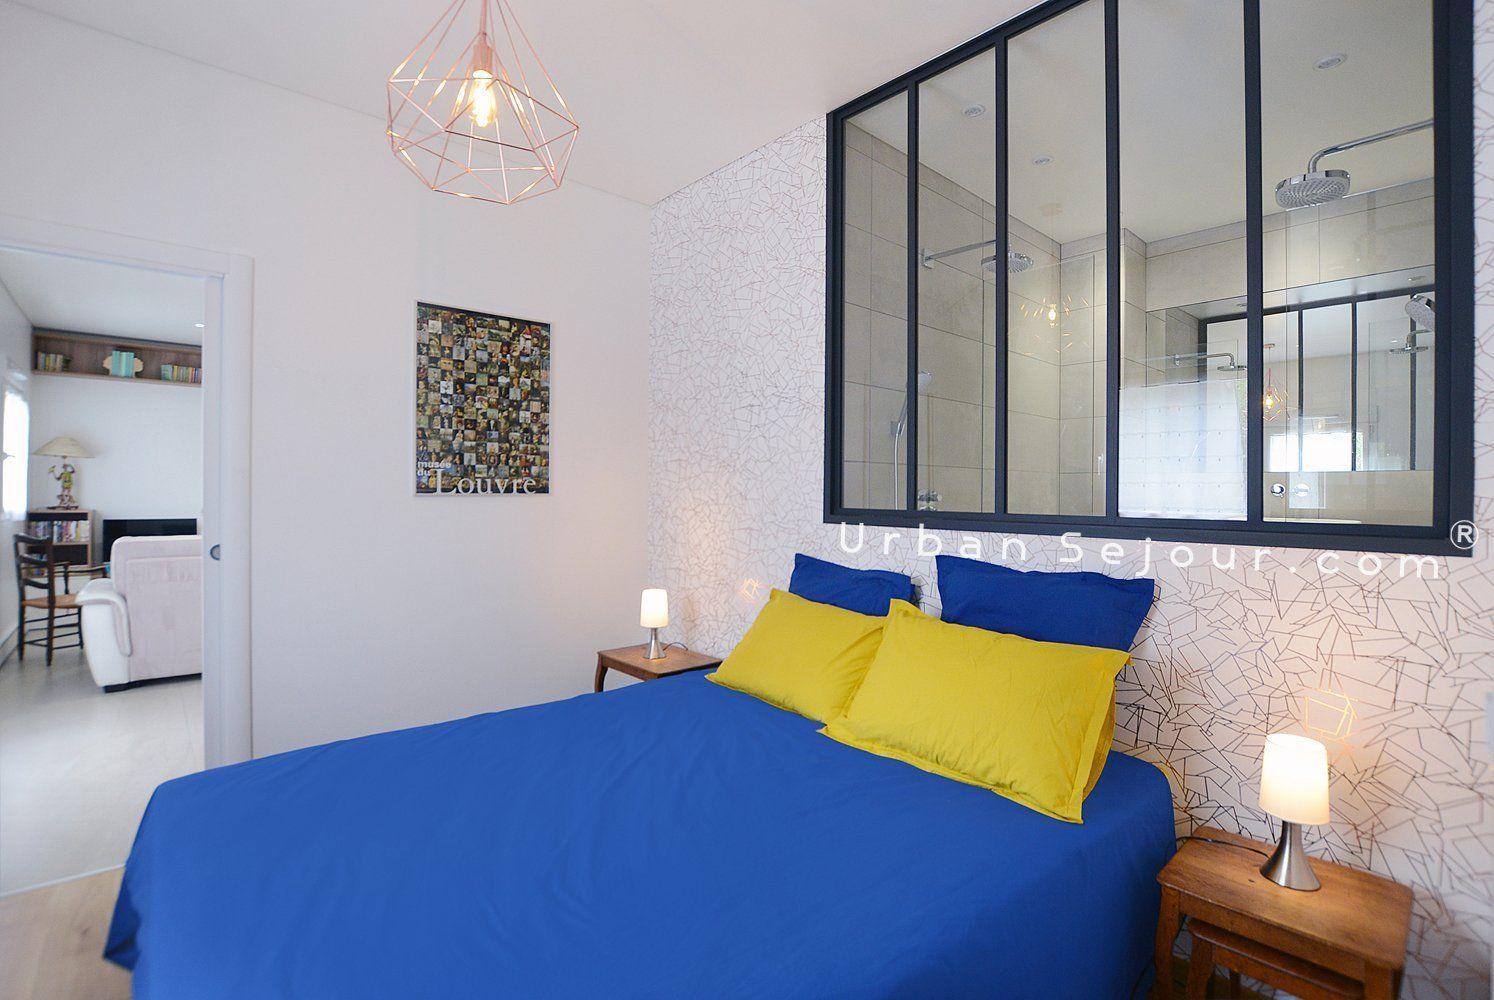 Location appartement meubl avec 1 chambre terrasse et parking location saisonni re lyon 7 for Lyon chambre